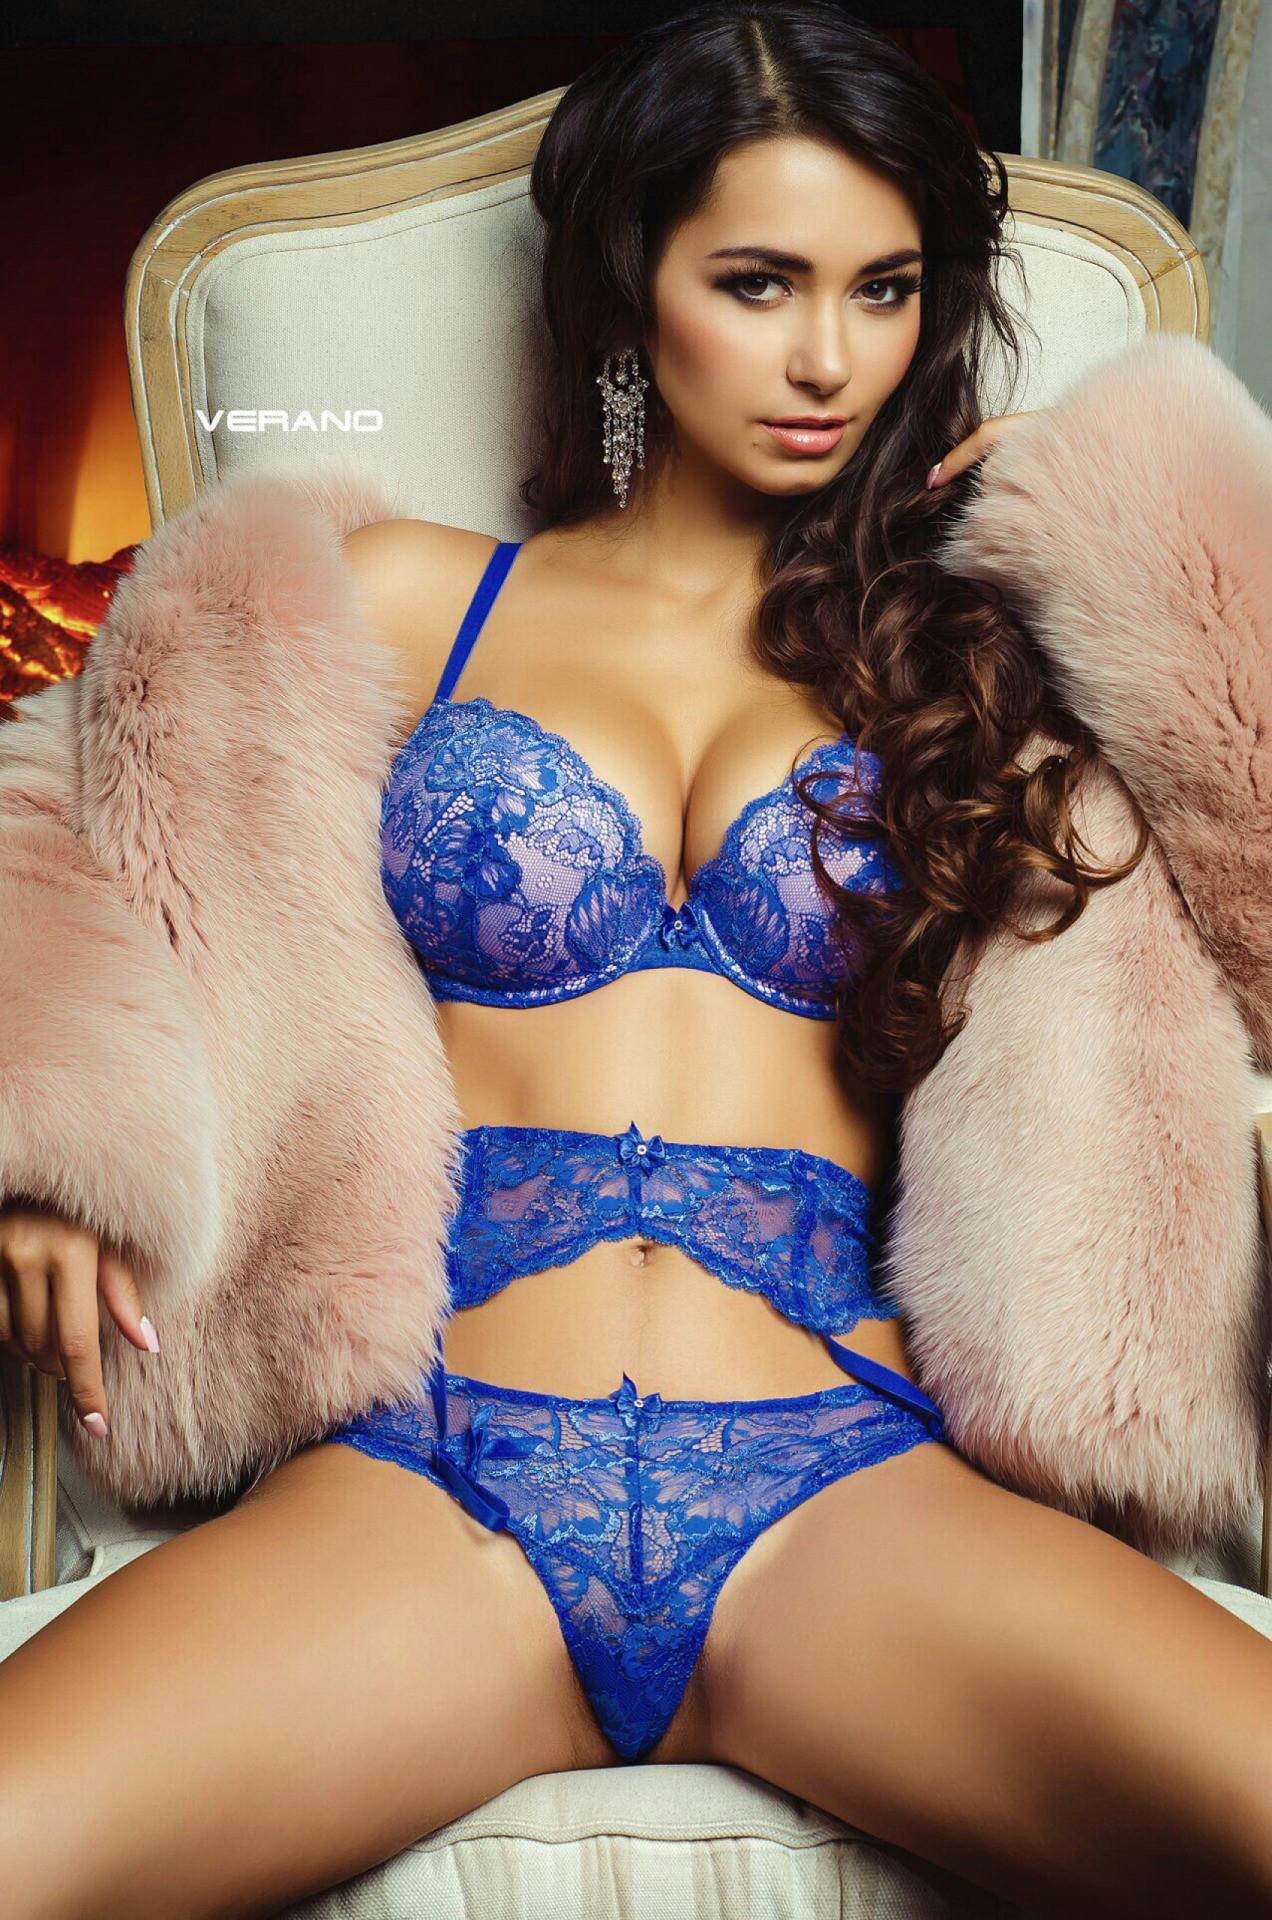 hot lingerie glamour girl